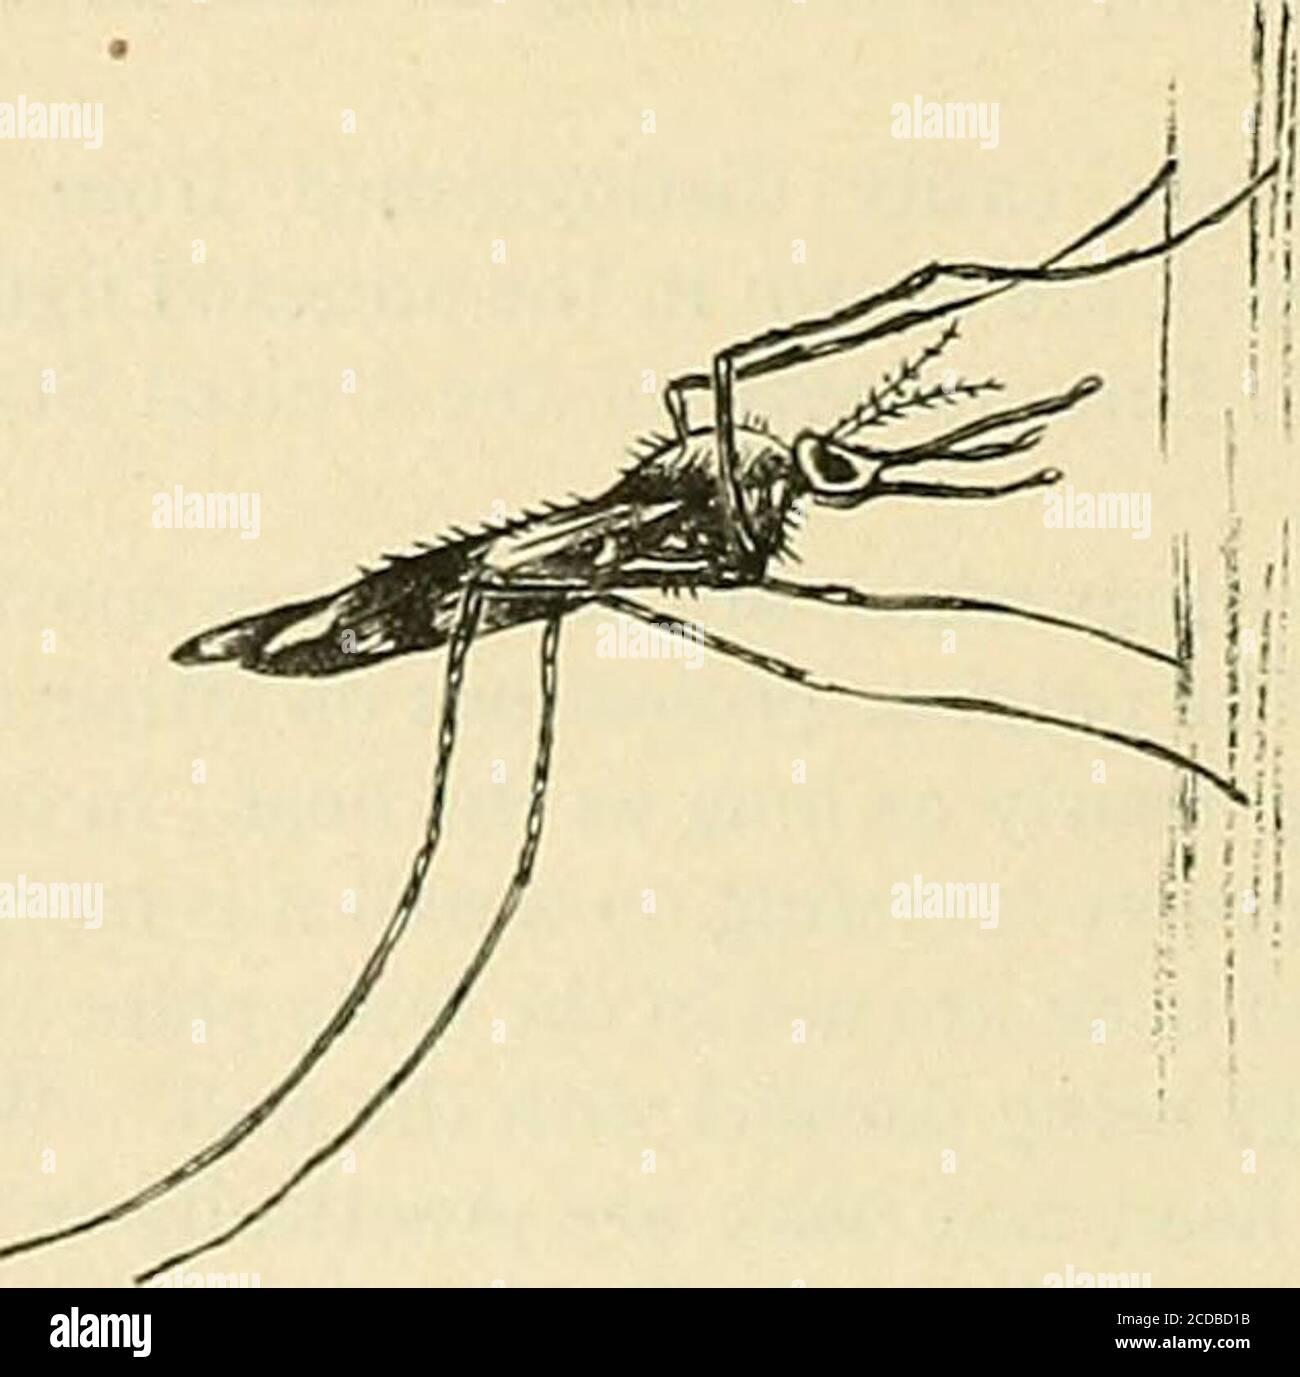 . La pratique de la médecine; un livre de texte pour les praticiens et les étudiants, avec une référence spéciale au diagnostic et au traitement . Figure 8.—Anopheles piinctipennis—femelle,avec antenne mâle à gauche, et venaison à gauche, agrandie. Figure 9.—Culex taniorhynchus—femelle,montrant le palpi court qui distingue l'anophèle; tarsalclaw avant denté à droite, agrandi. Figure 10.—position de repos d'anopheles,agrandi. Banque D'Images